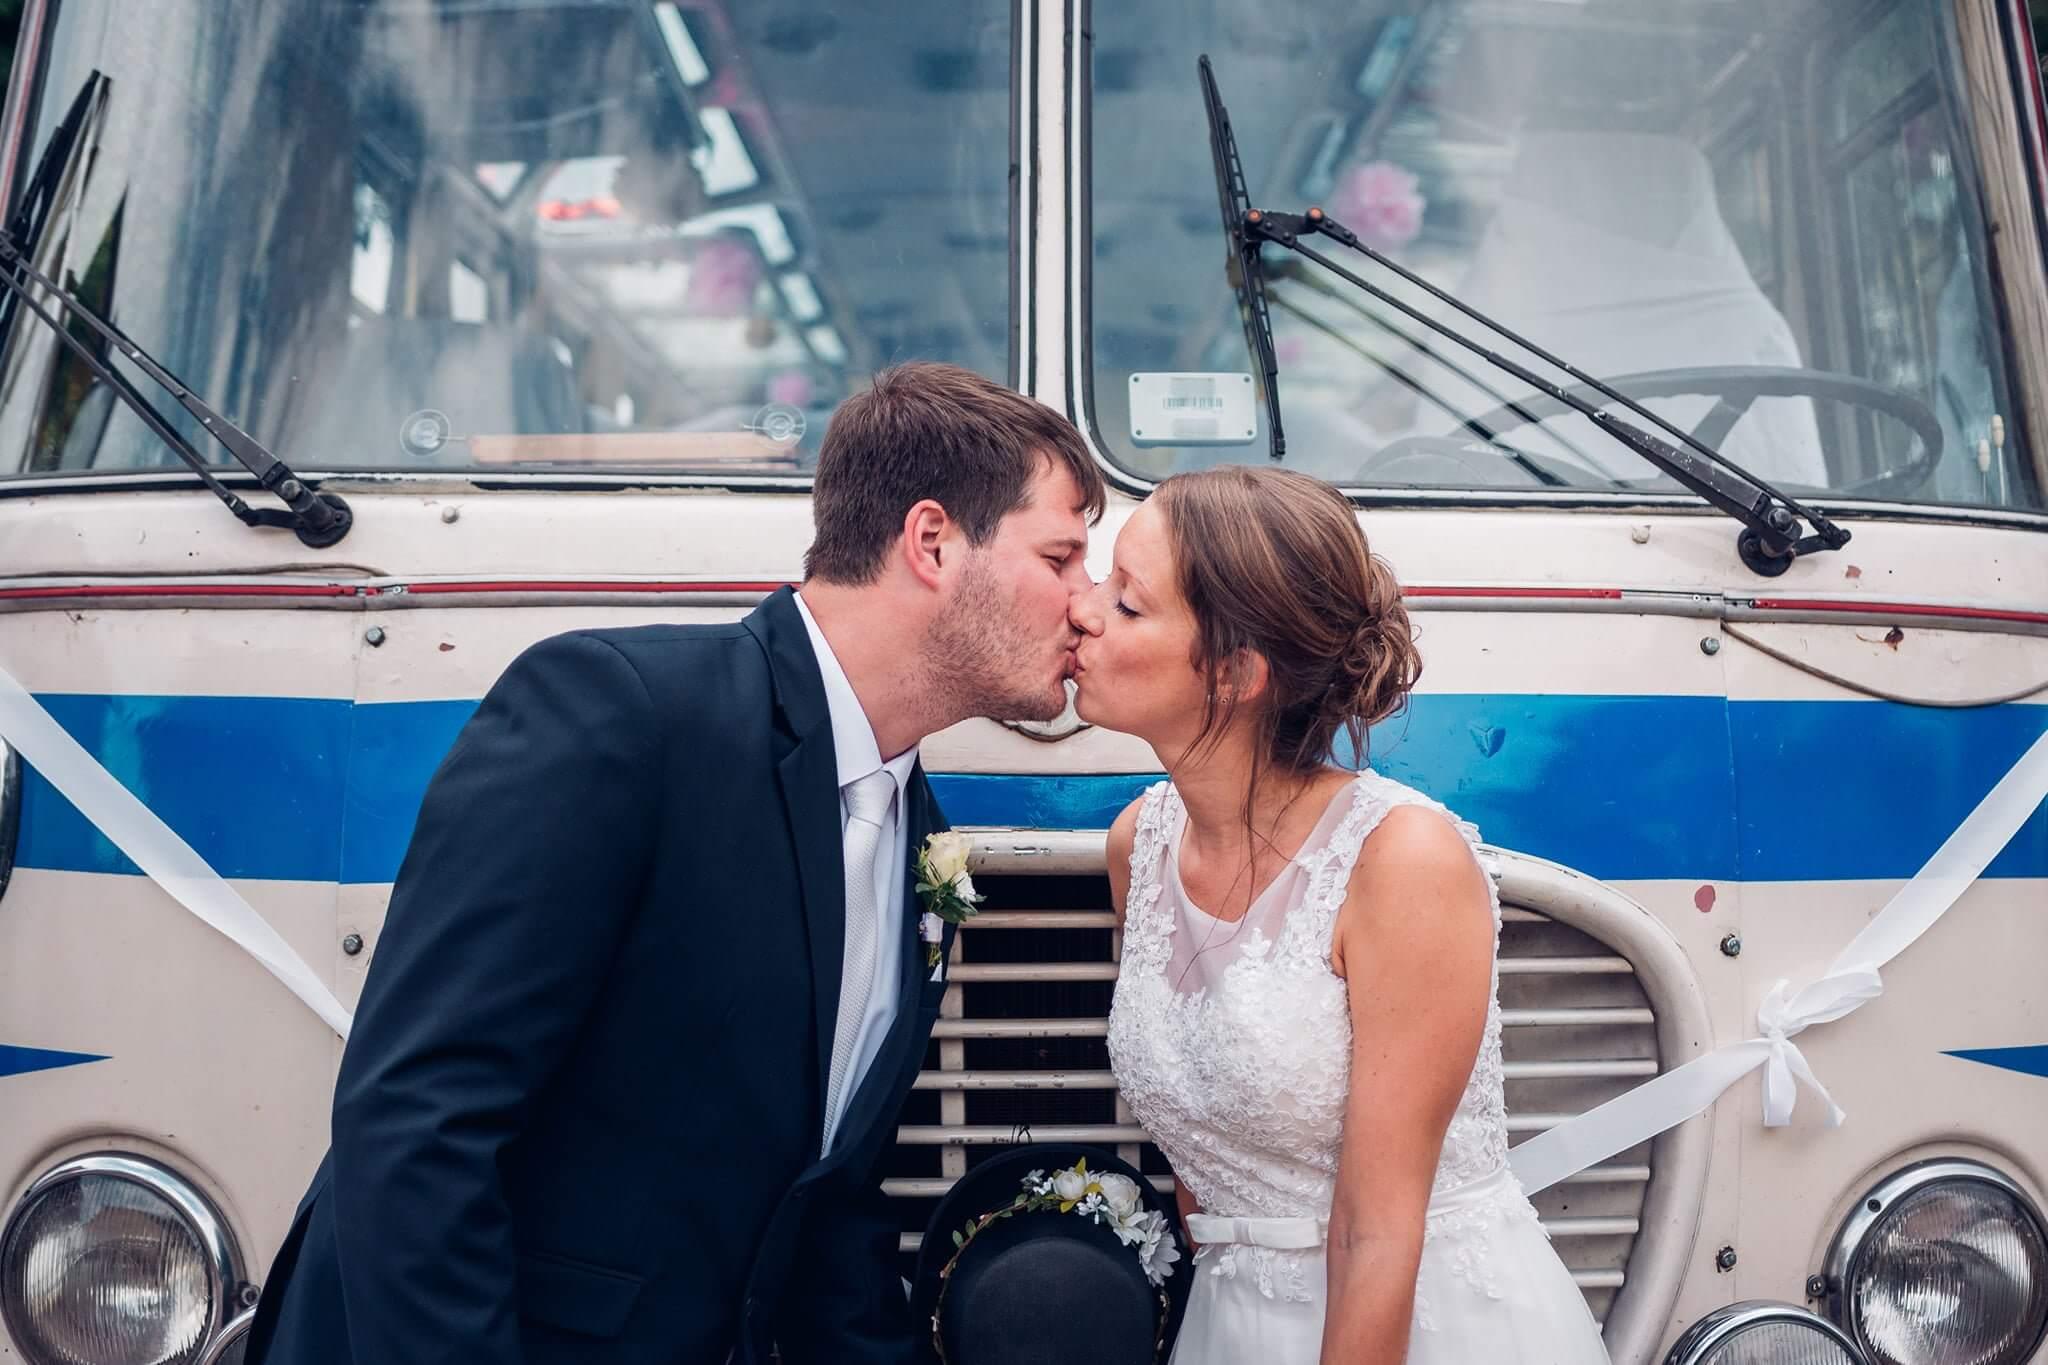 svatba, svatební fotograf, chlumec nad cidlinou, karlova koruna, chlumec nad cidlinou, svatba na zámku, svatební foto